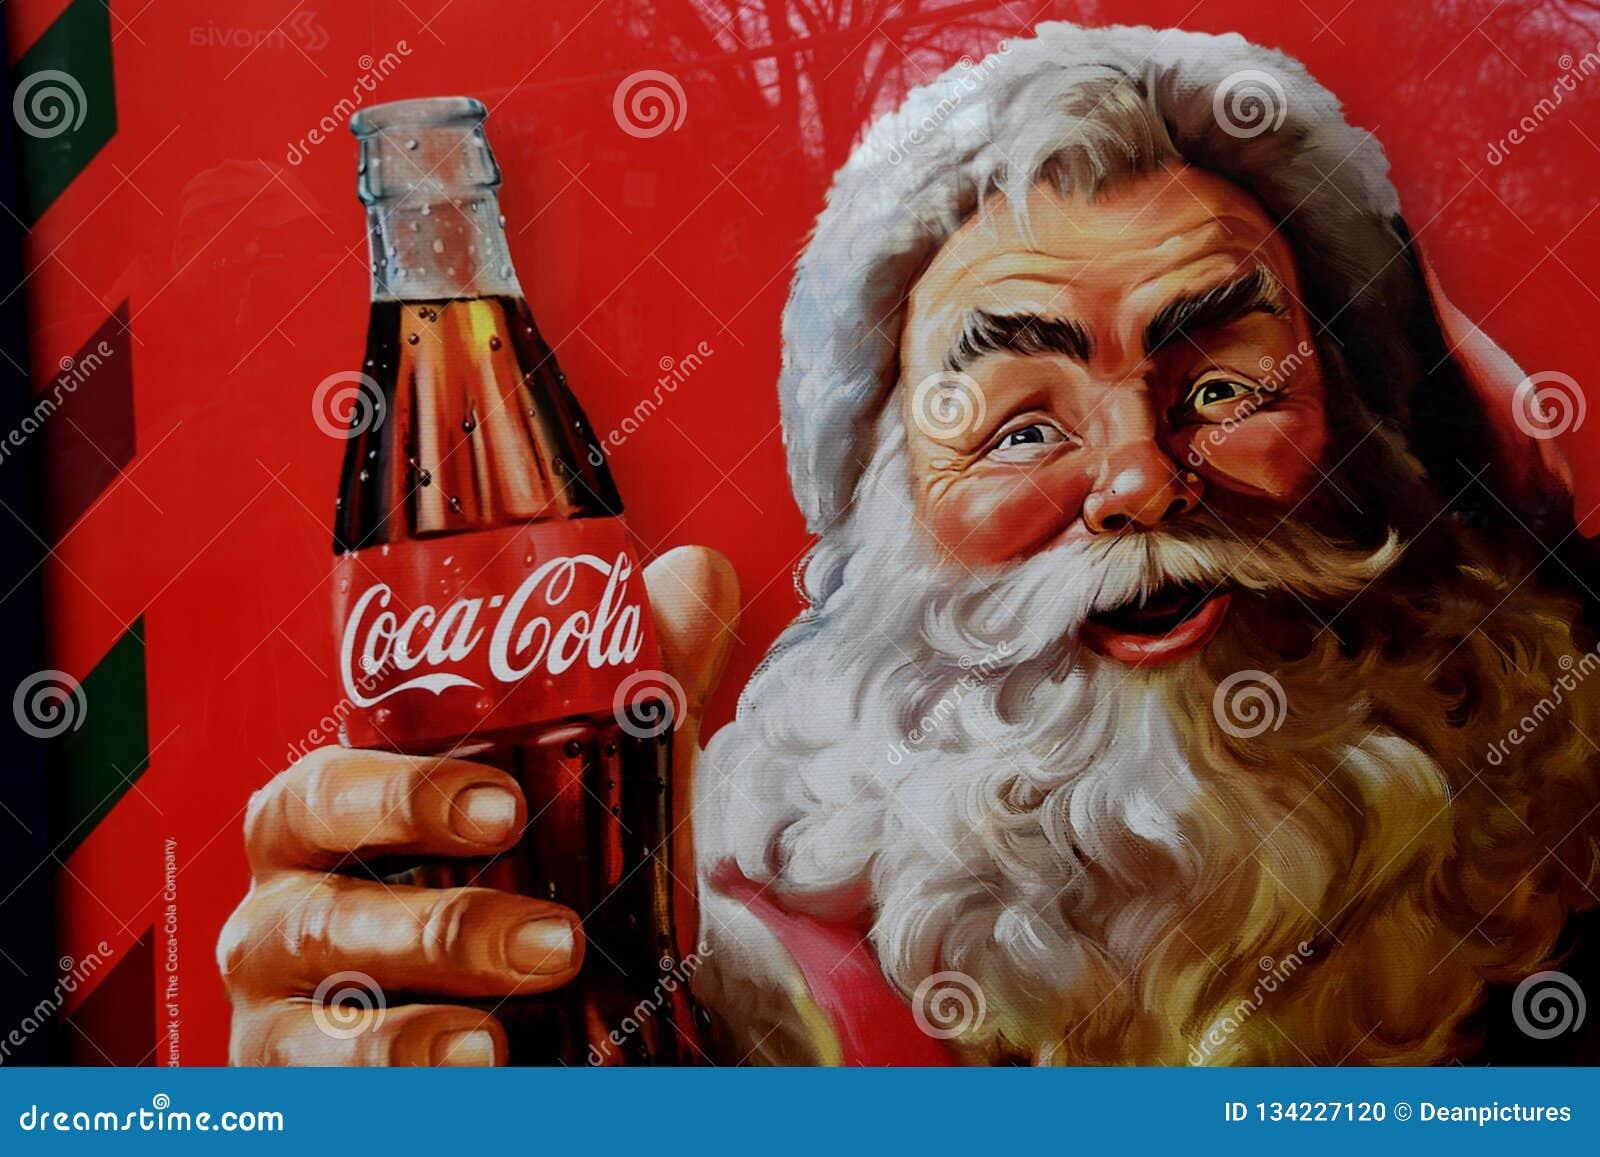 Coca Cola Christmas.Coca Cola Christmas Santa Billbaords In Denmark Editorial